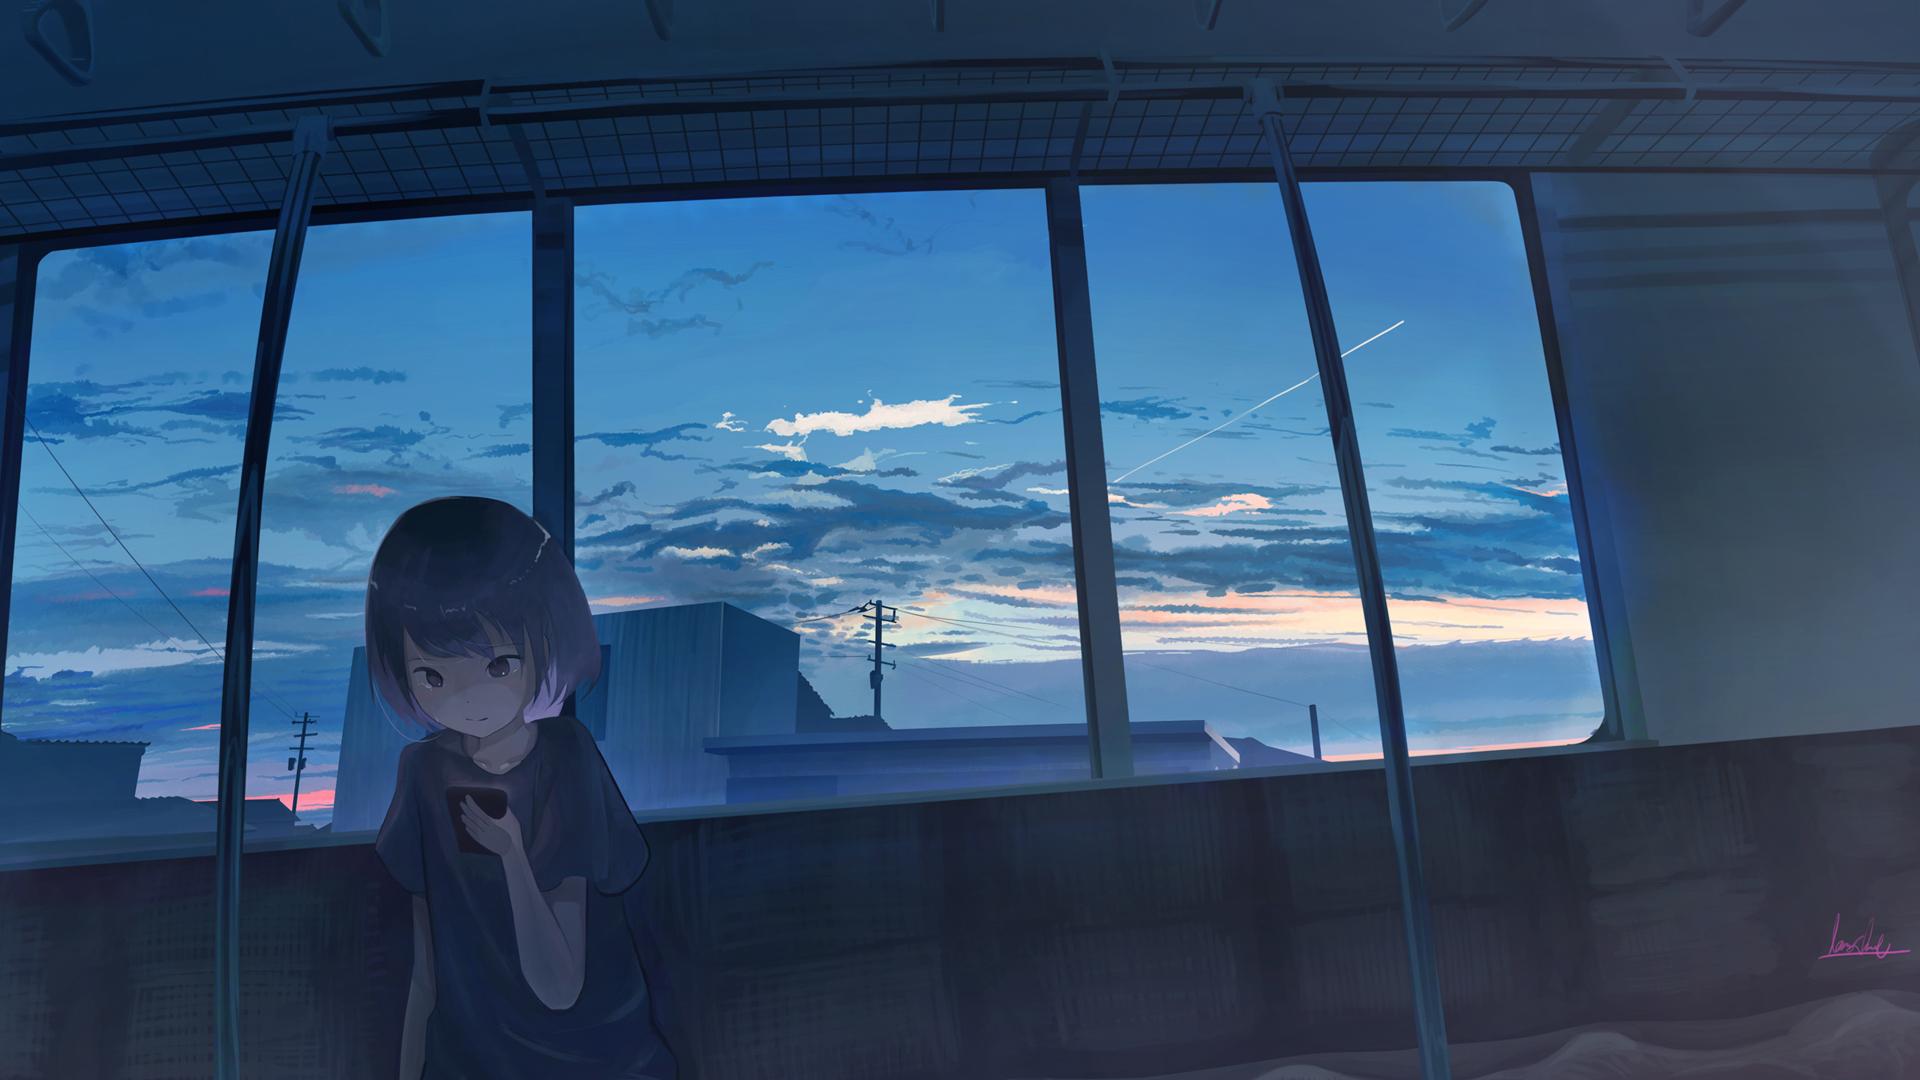 女孩子 回家 手机 晚霞 夕阳 动漫壁纸